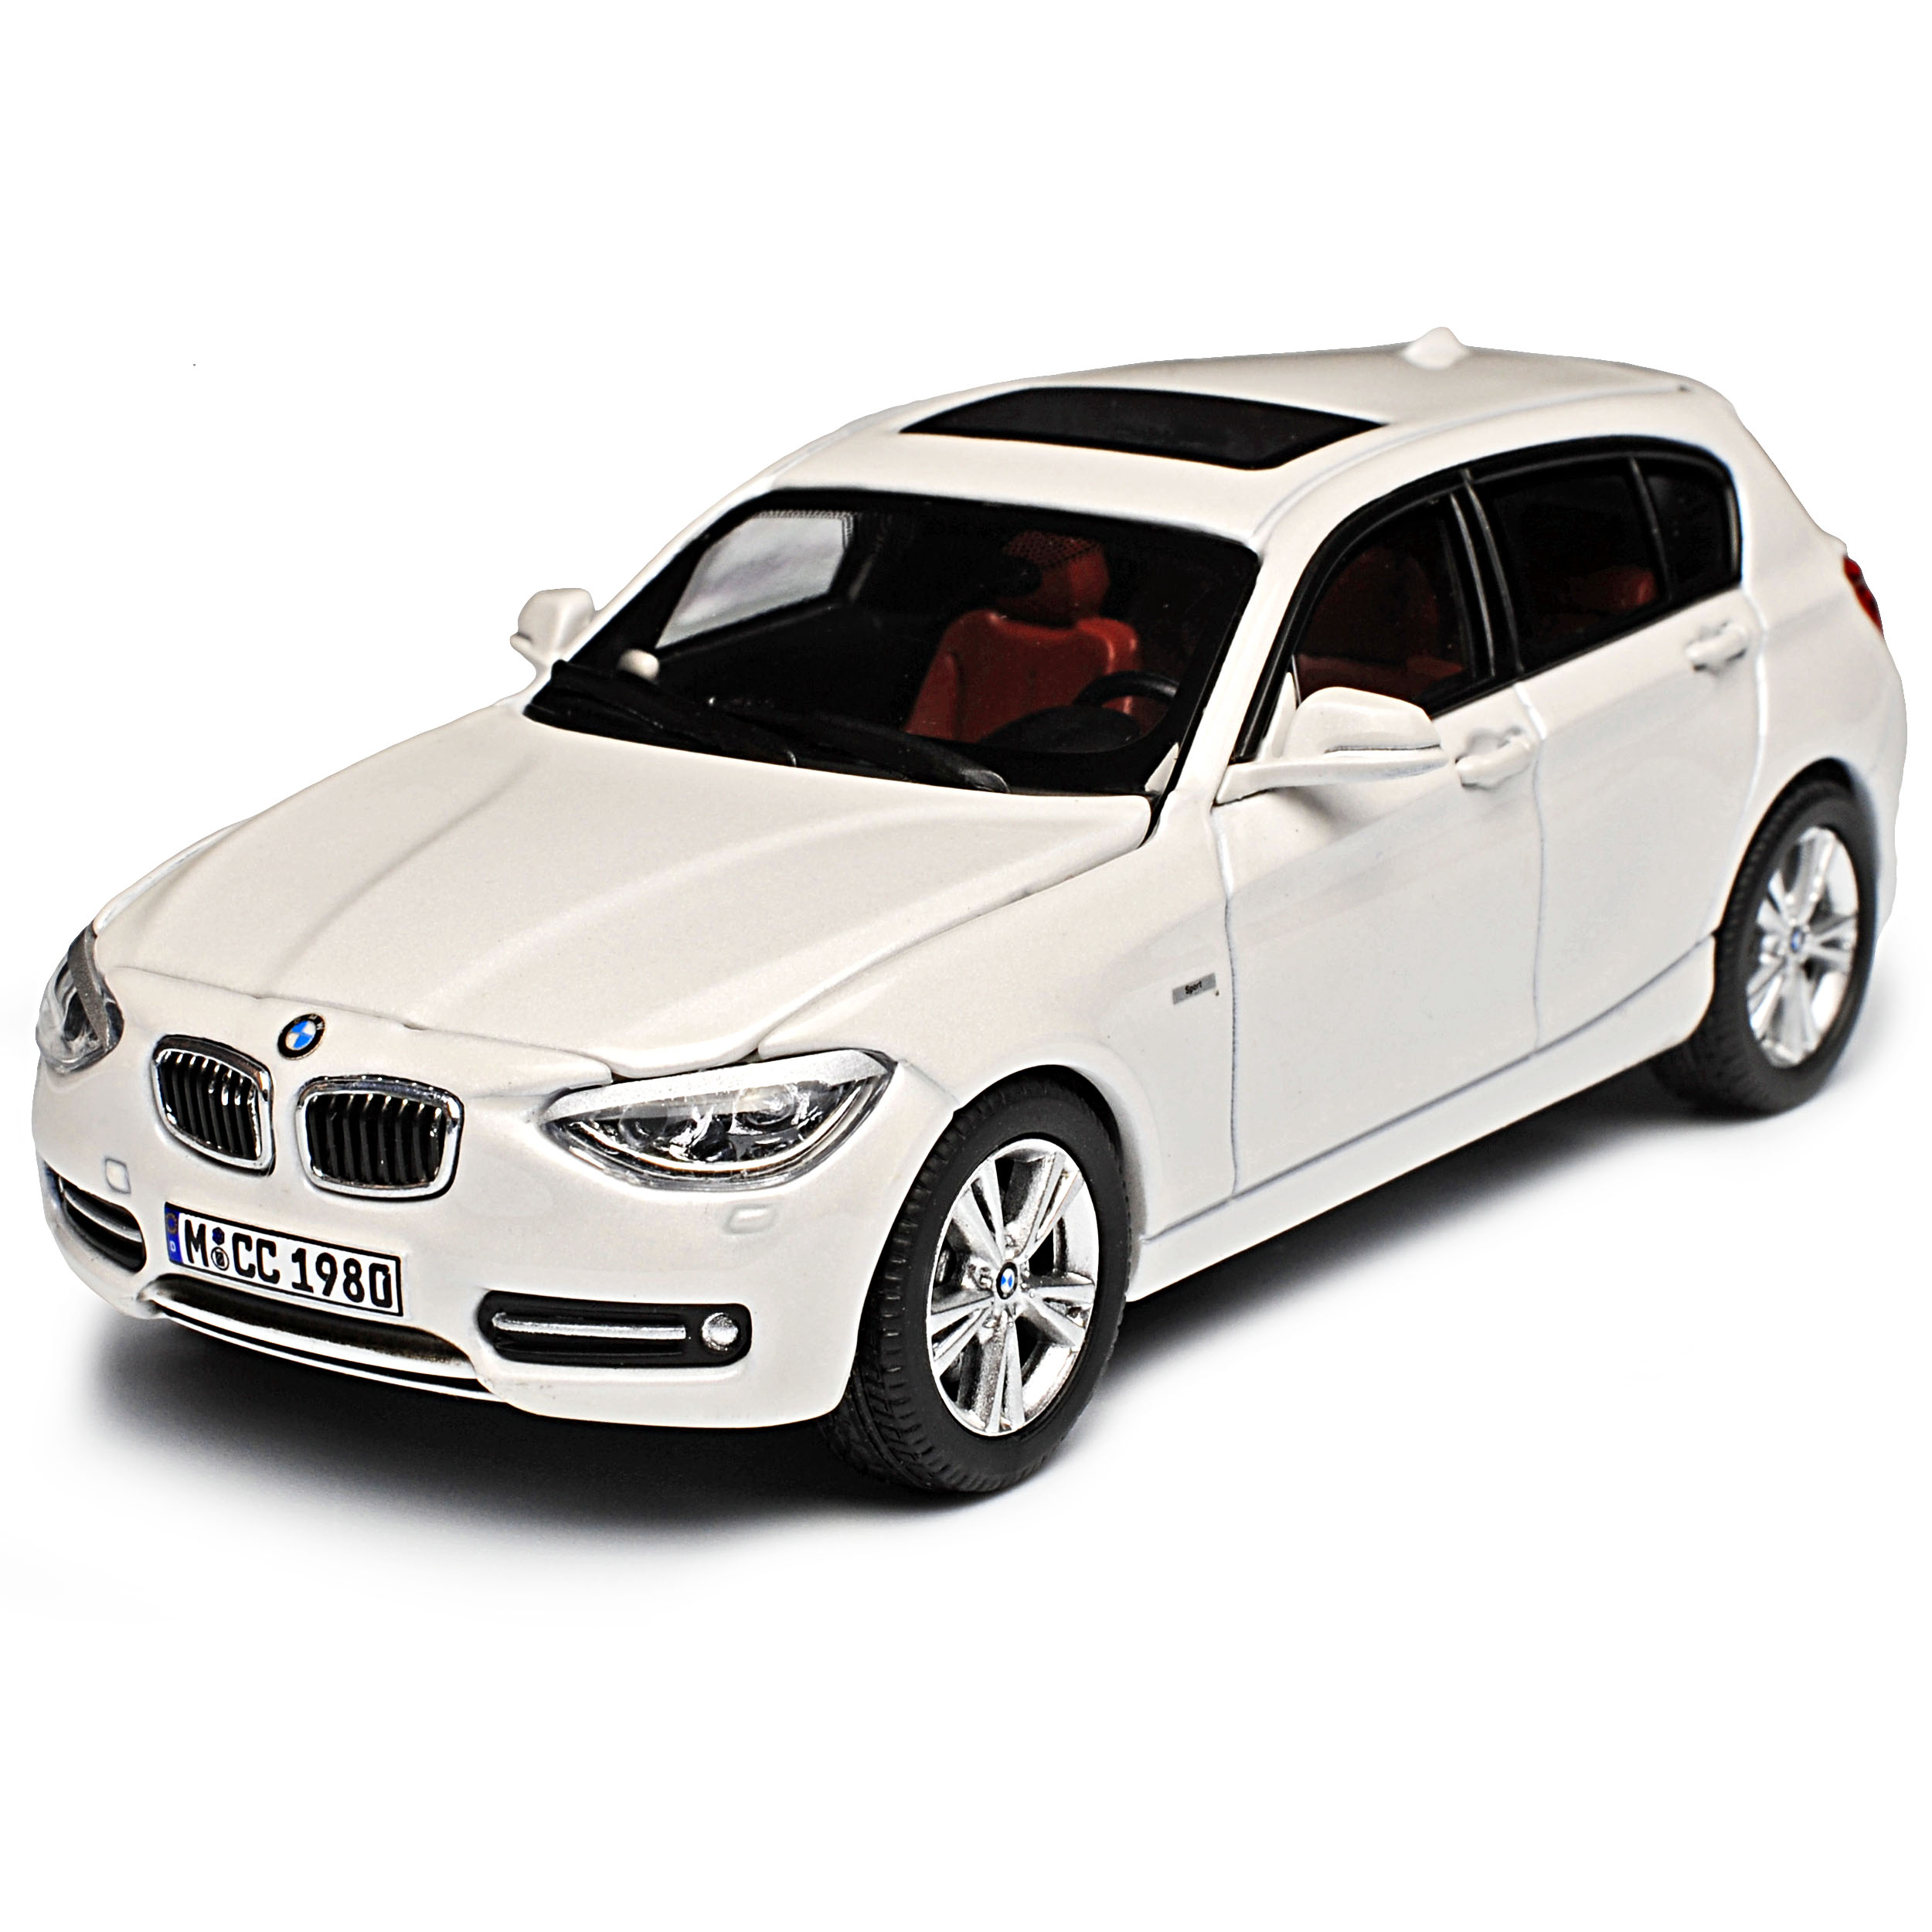 BMW 1er F20 Weiss 5 5 5 Türer Ab 2010 1 43 Jadi Paragon Modell Auto mit oder ohne .. eccfb9